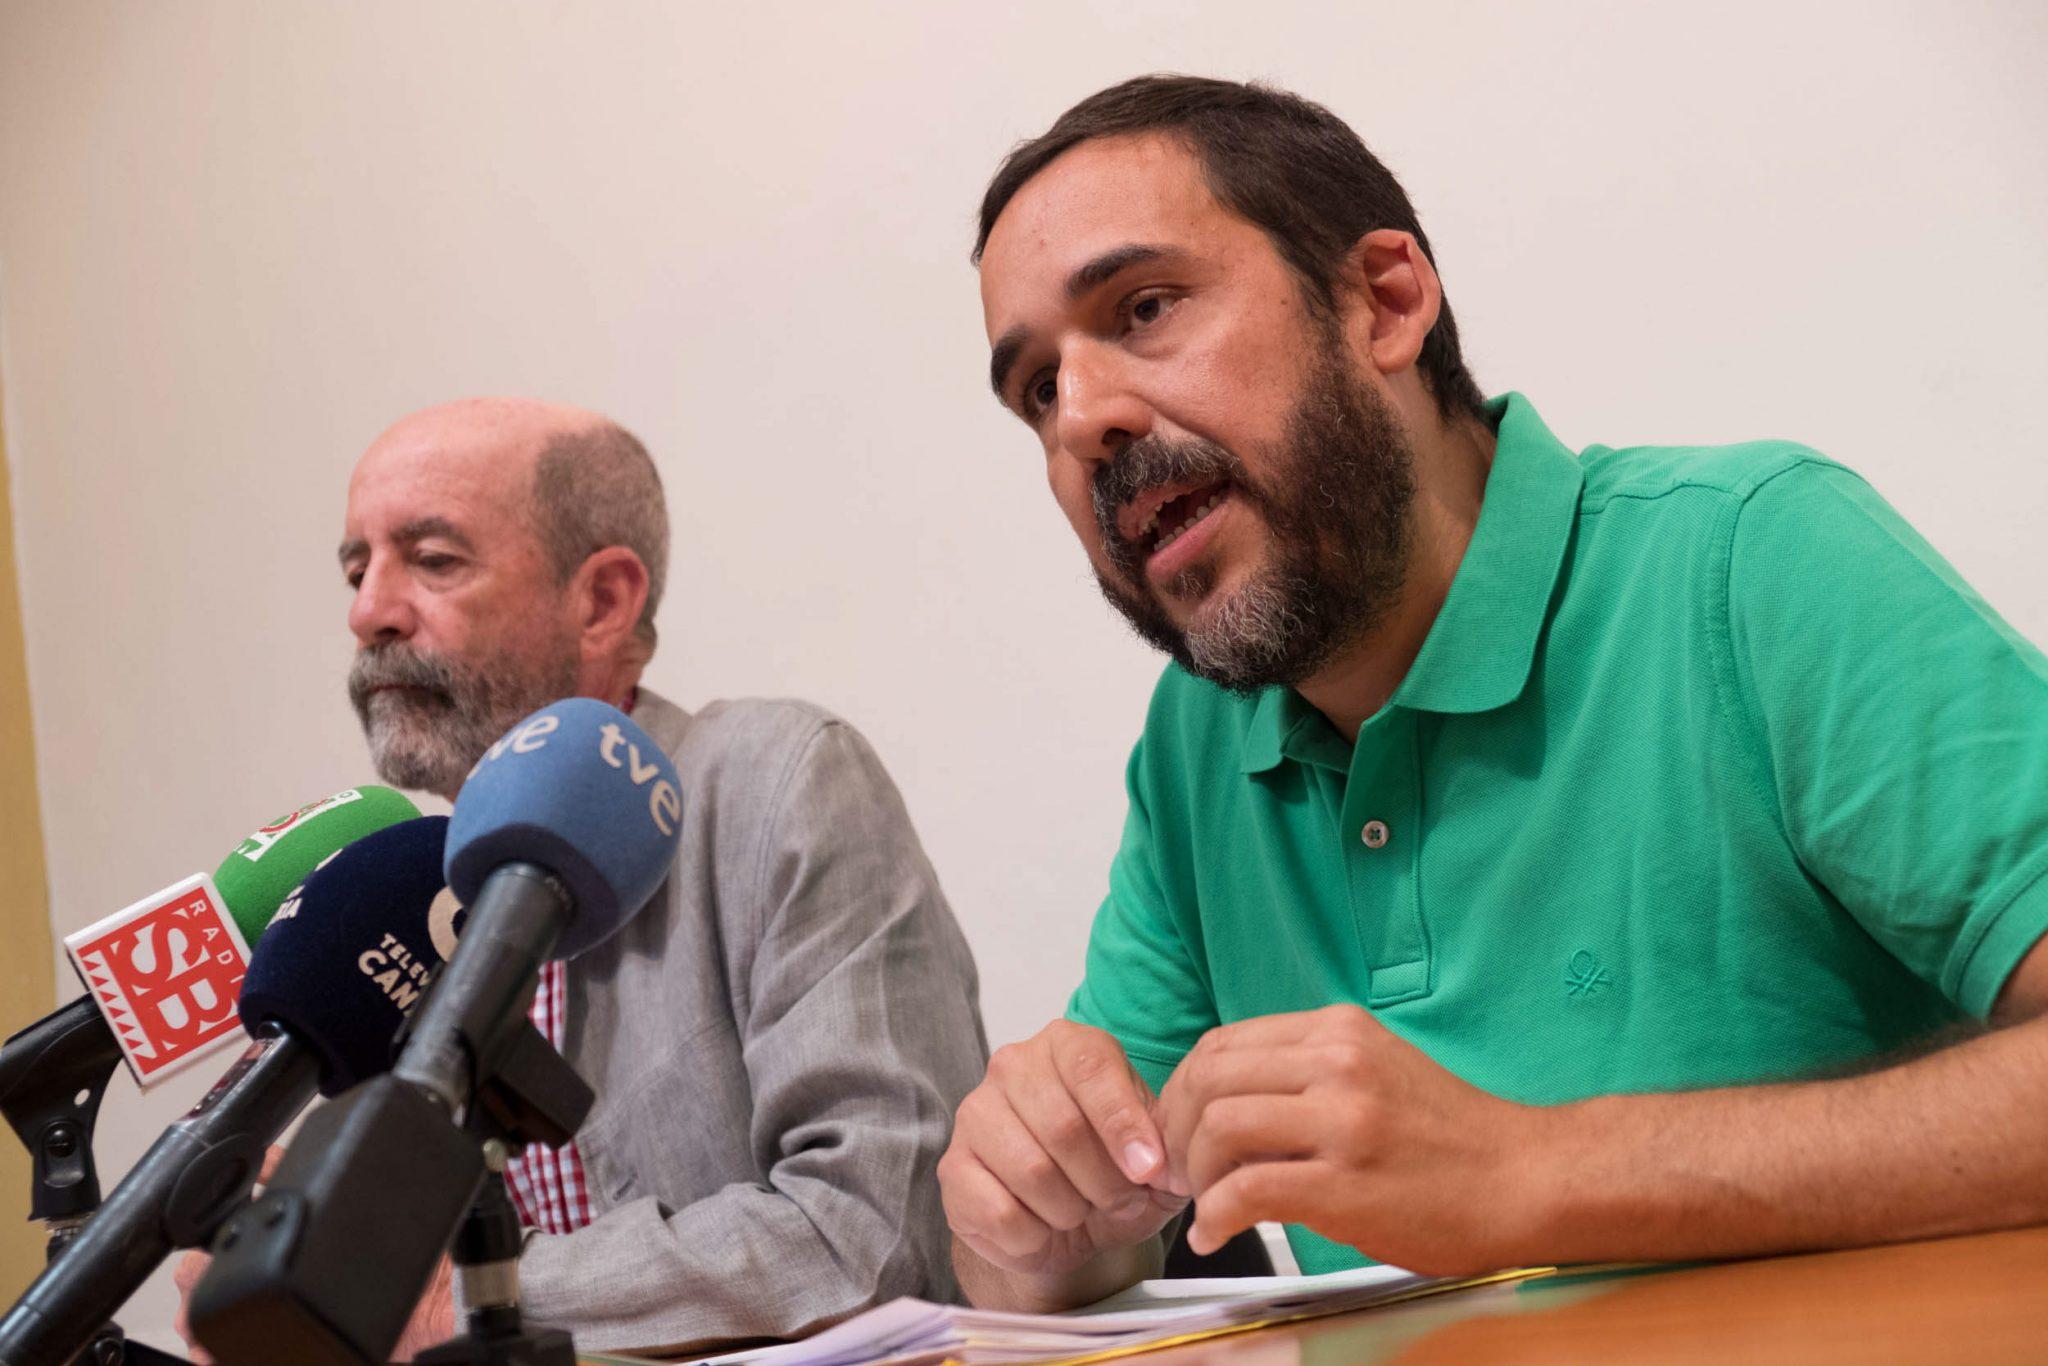 Santiago Pérez y RUbens Ascanio, durante la rueda prensa en La Laguna. / FRAN PALLERO